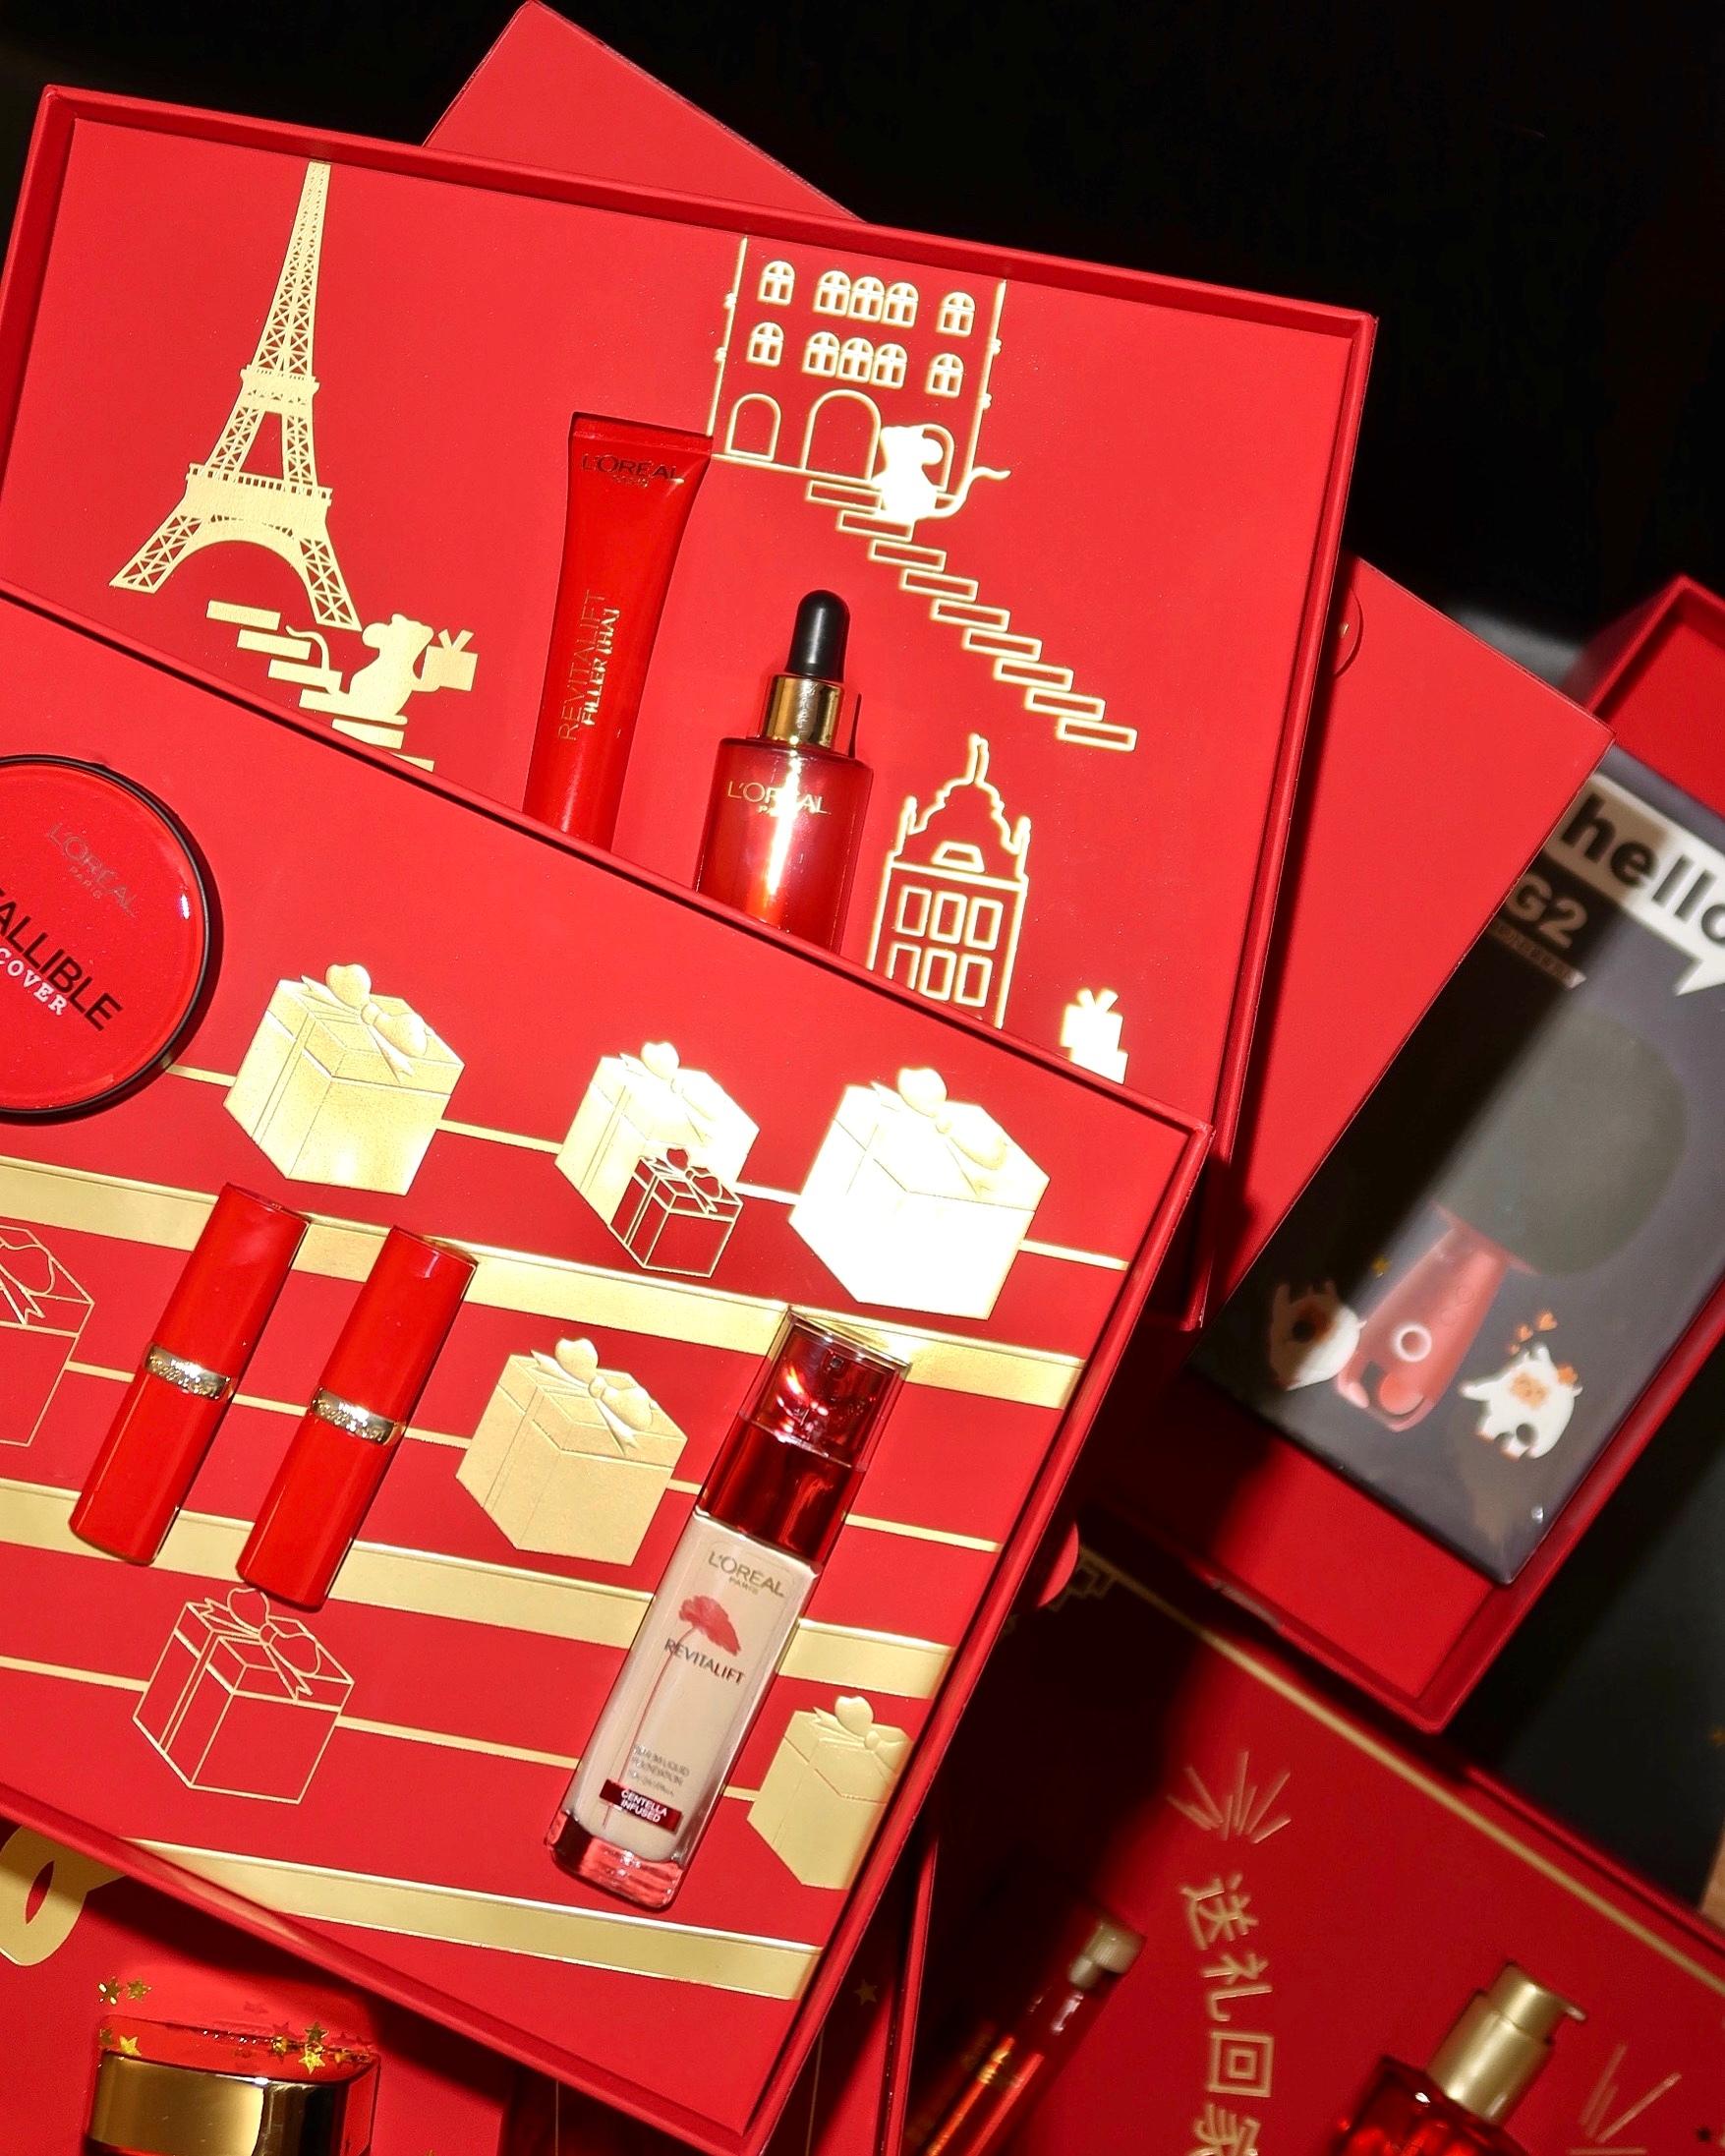 收到@巴黎欧莱雅 的新年礼物浓浓的新年气息~~